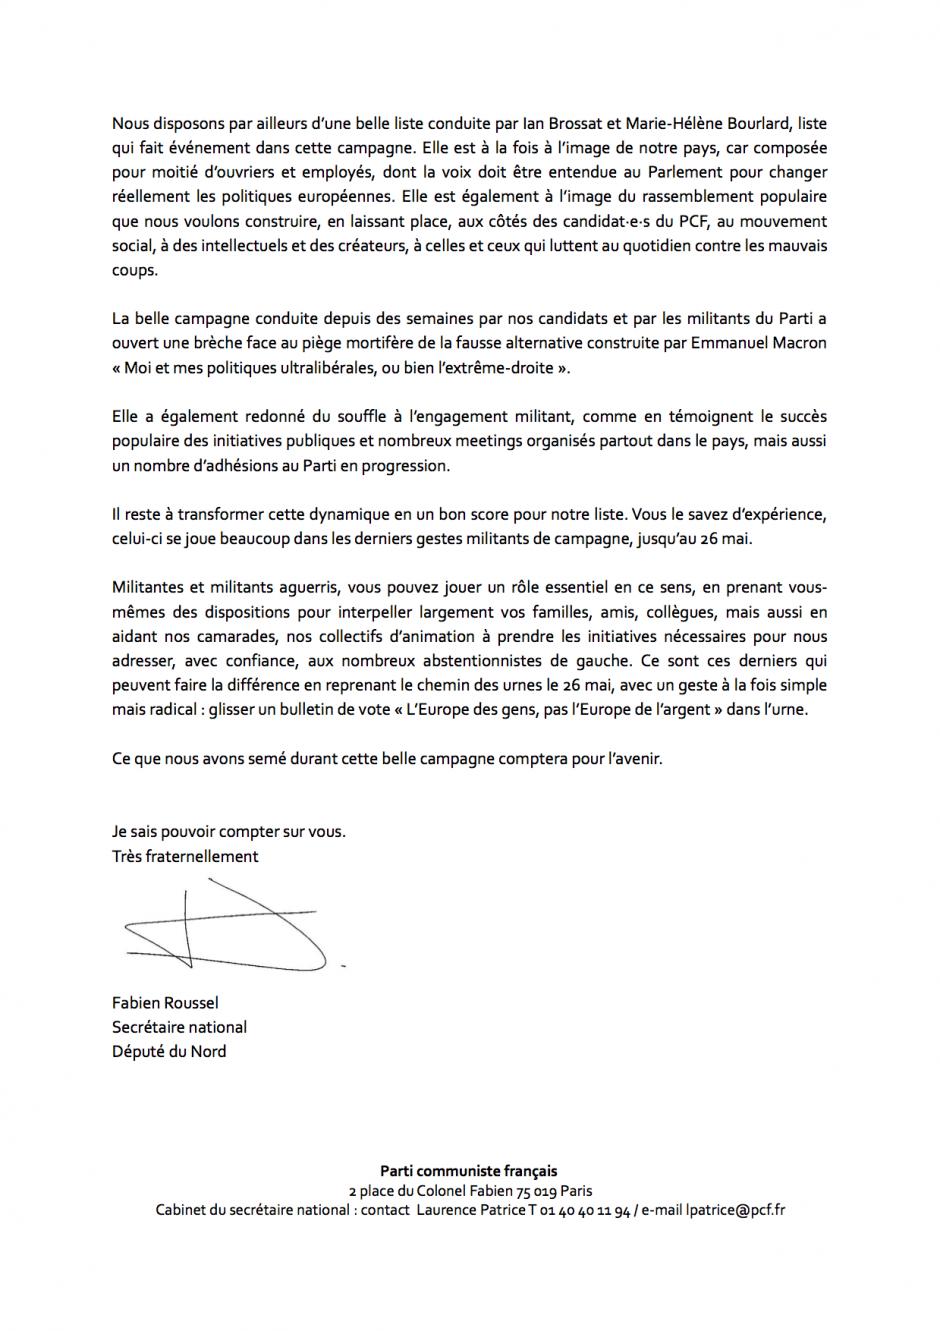 Lettre de Fabien Roussel aux vétérans